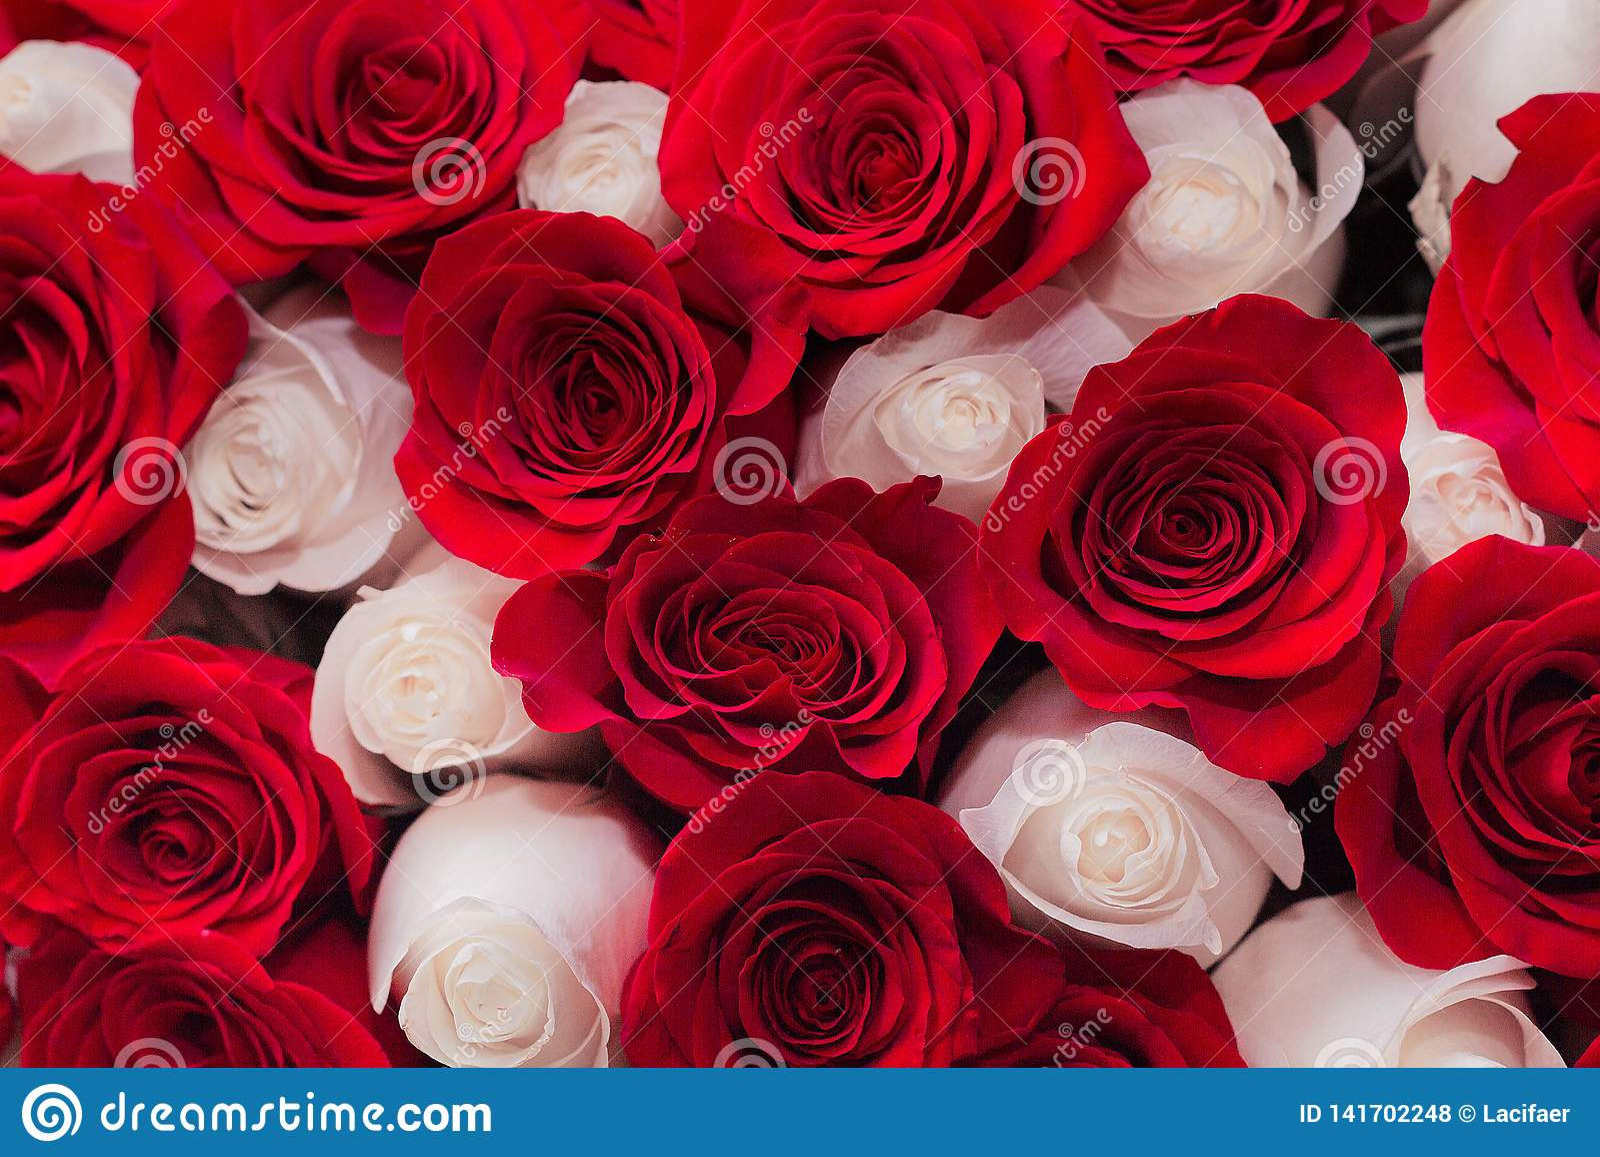 Tło czerwone i białe róże